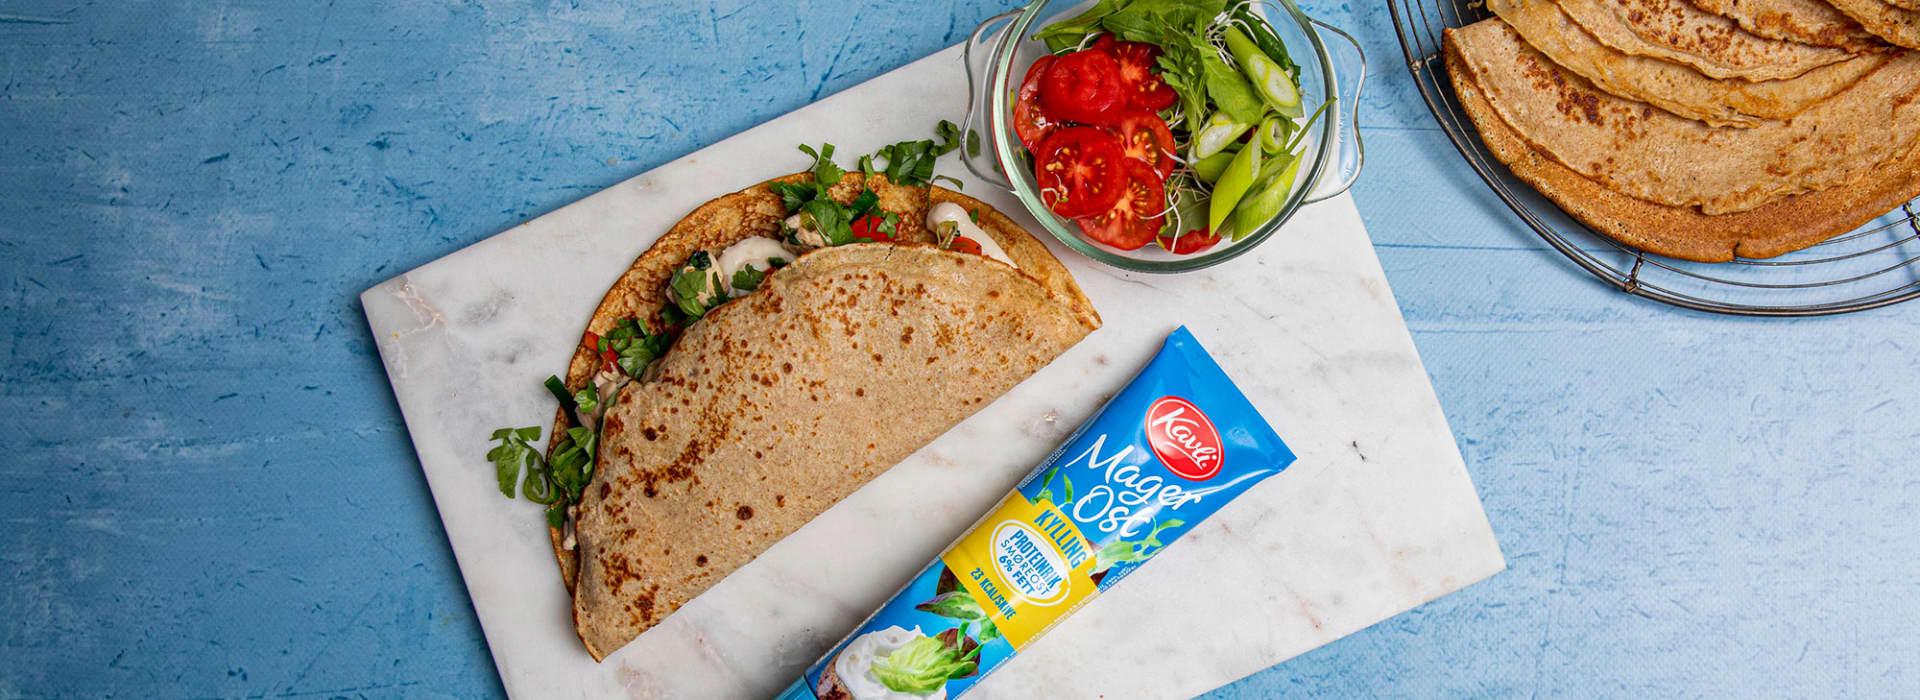 Grove pannekaker med Kavli MagerOst Kylling og grønnsaksfyll som paprika, purre og sjampinjong.